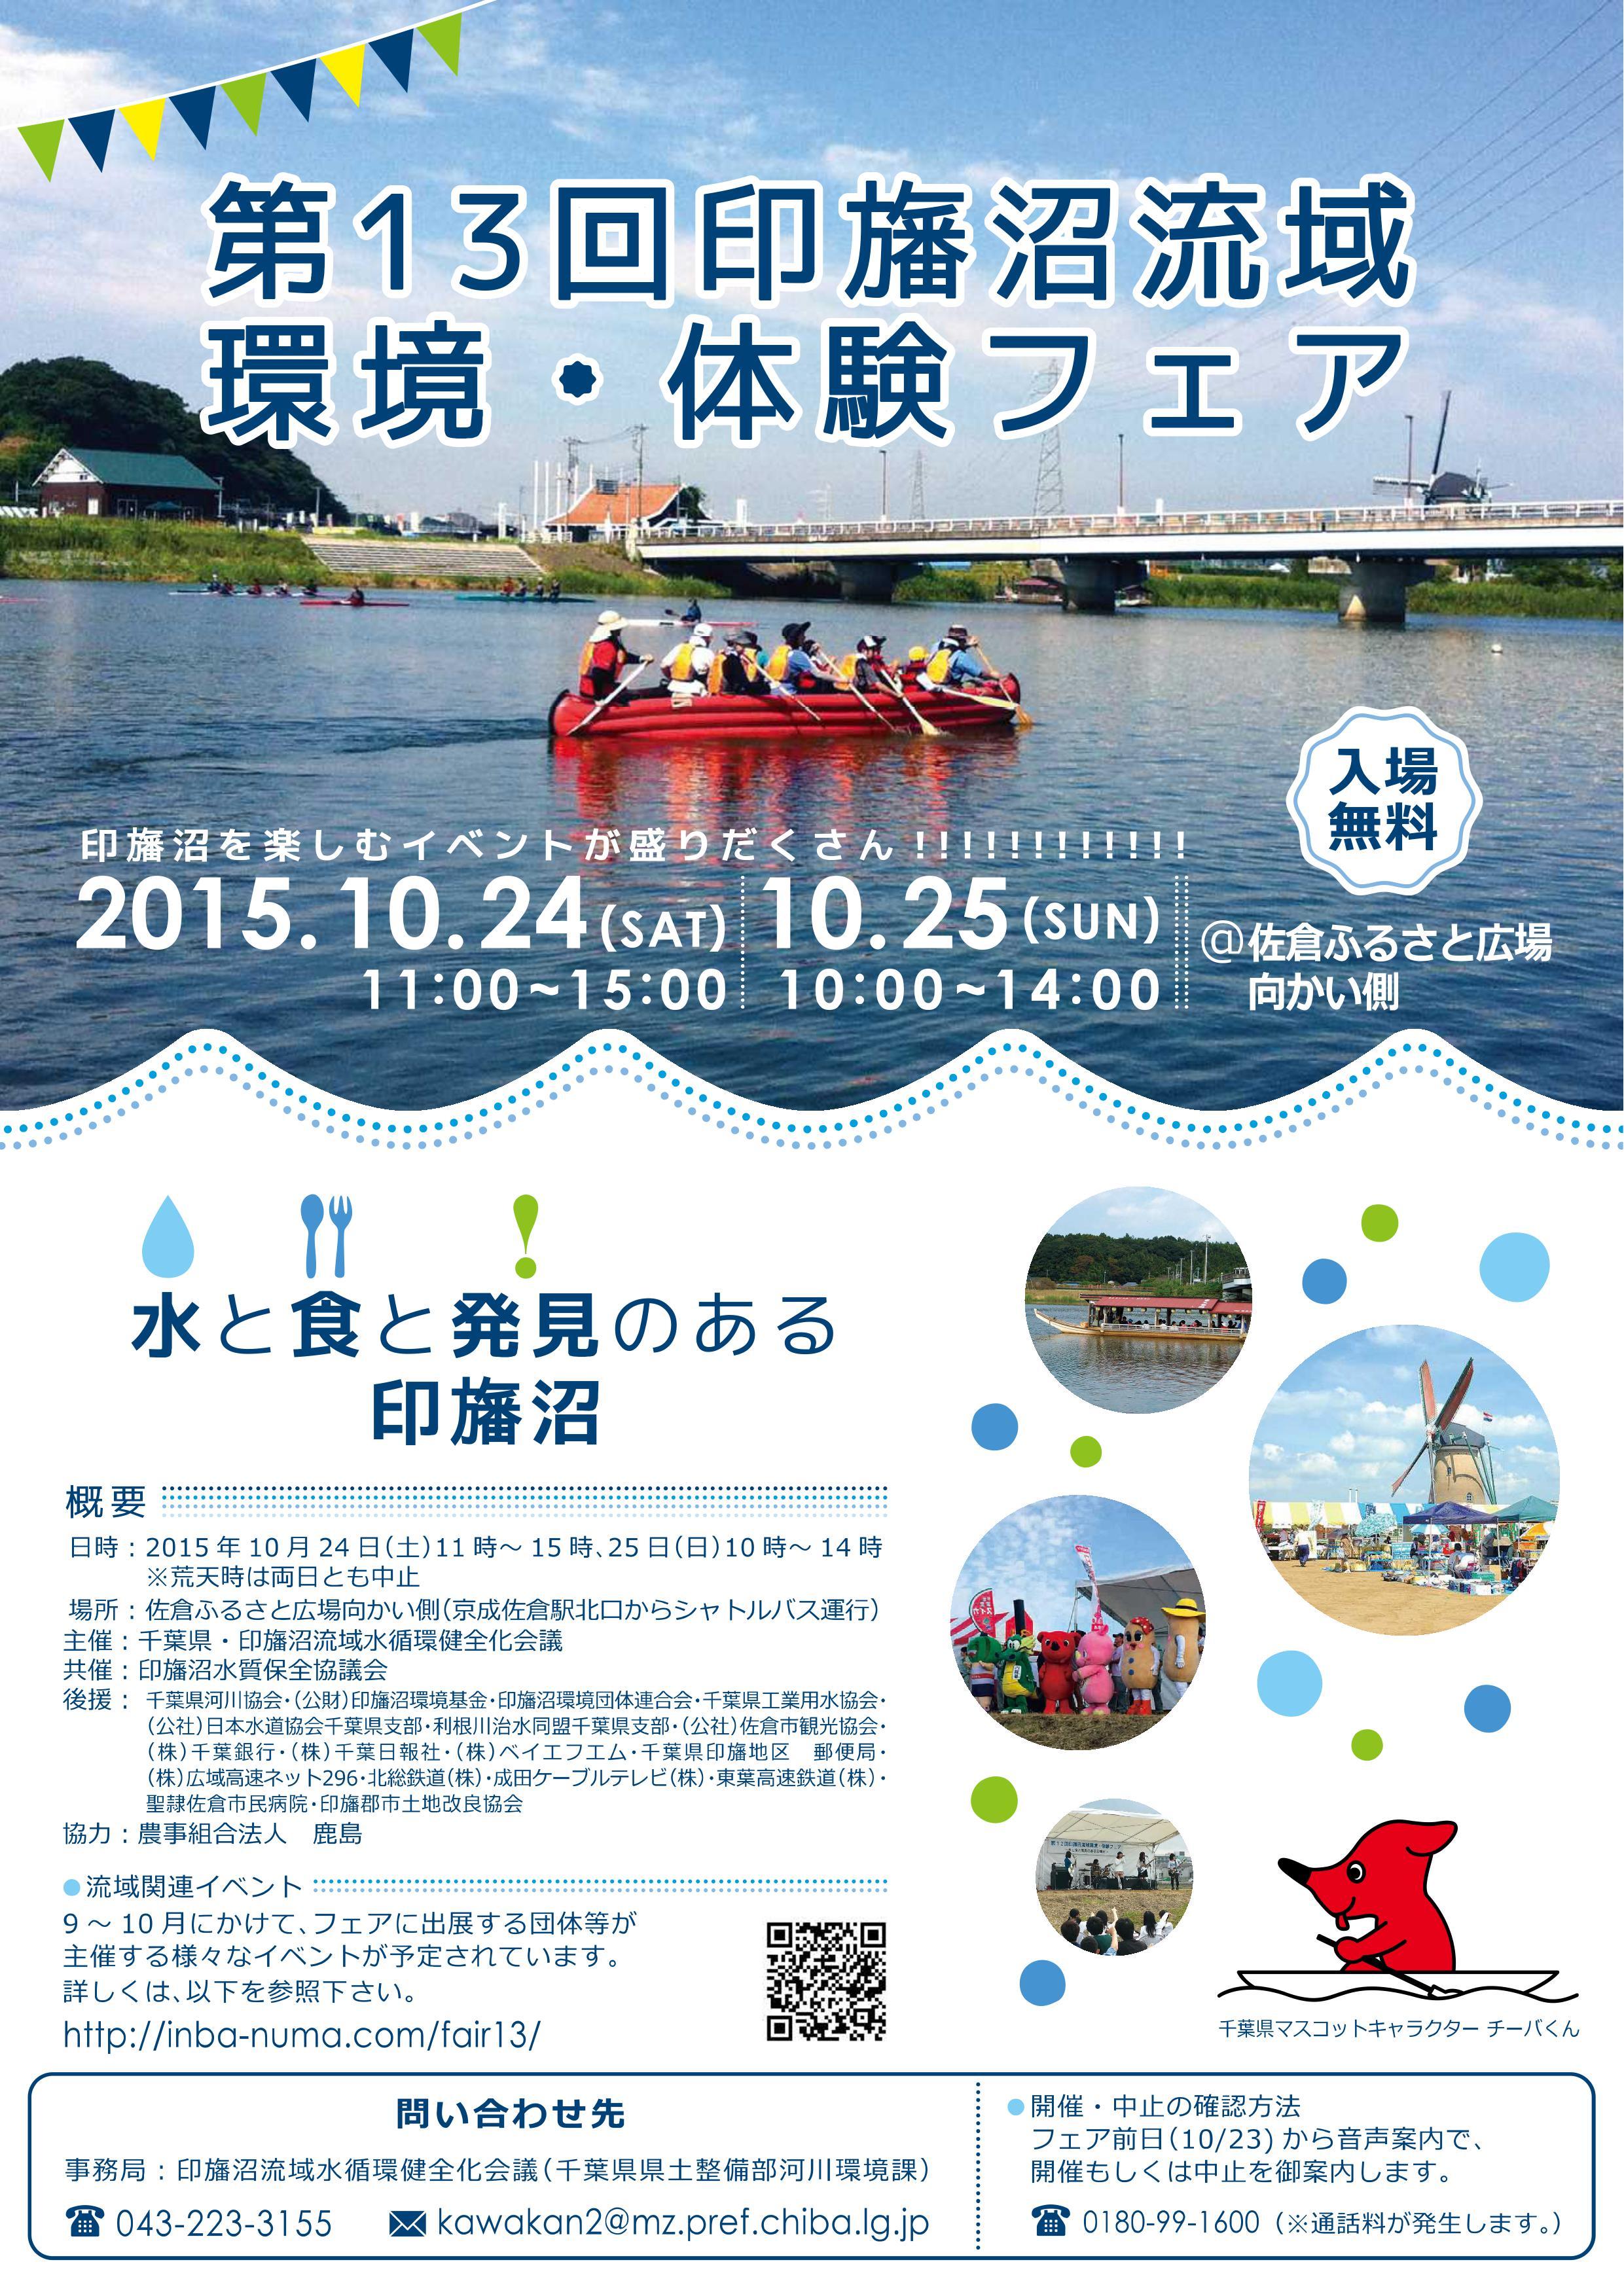 1印旛沼フェア